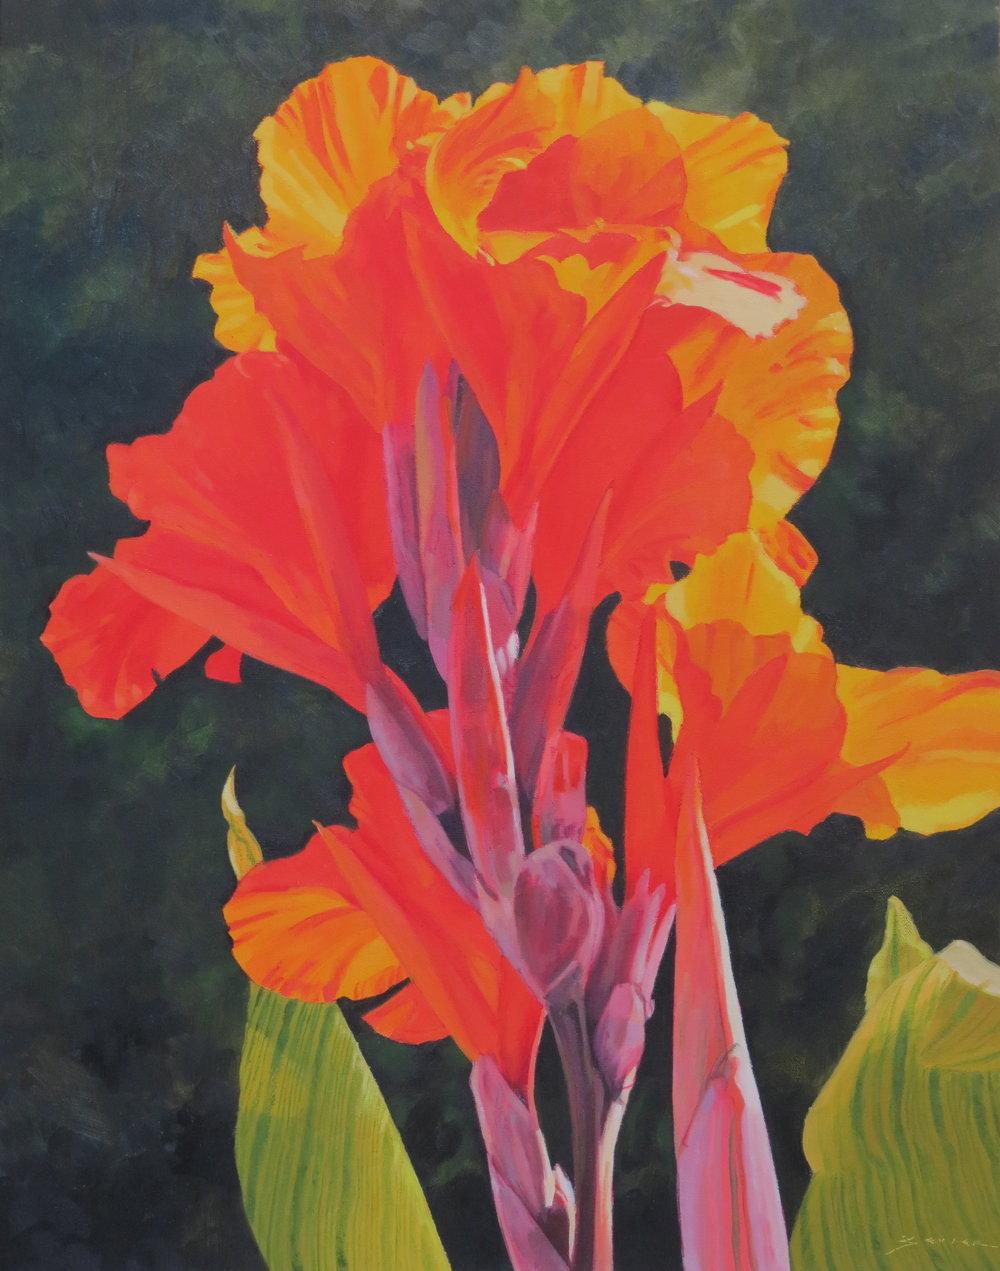 Red Calla Lily,  22 x 28, oil